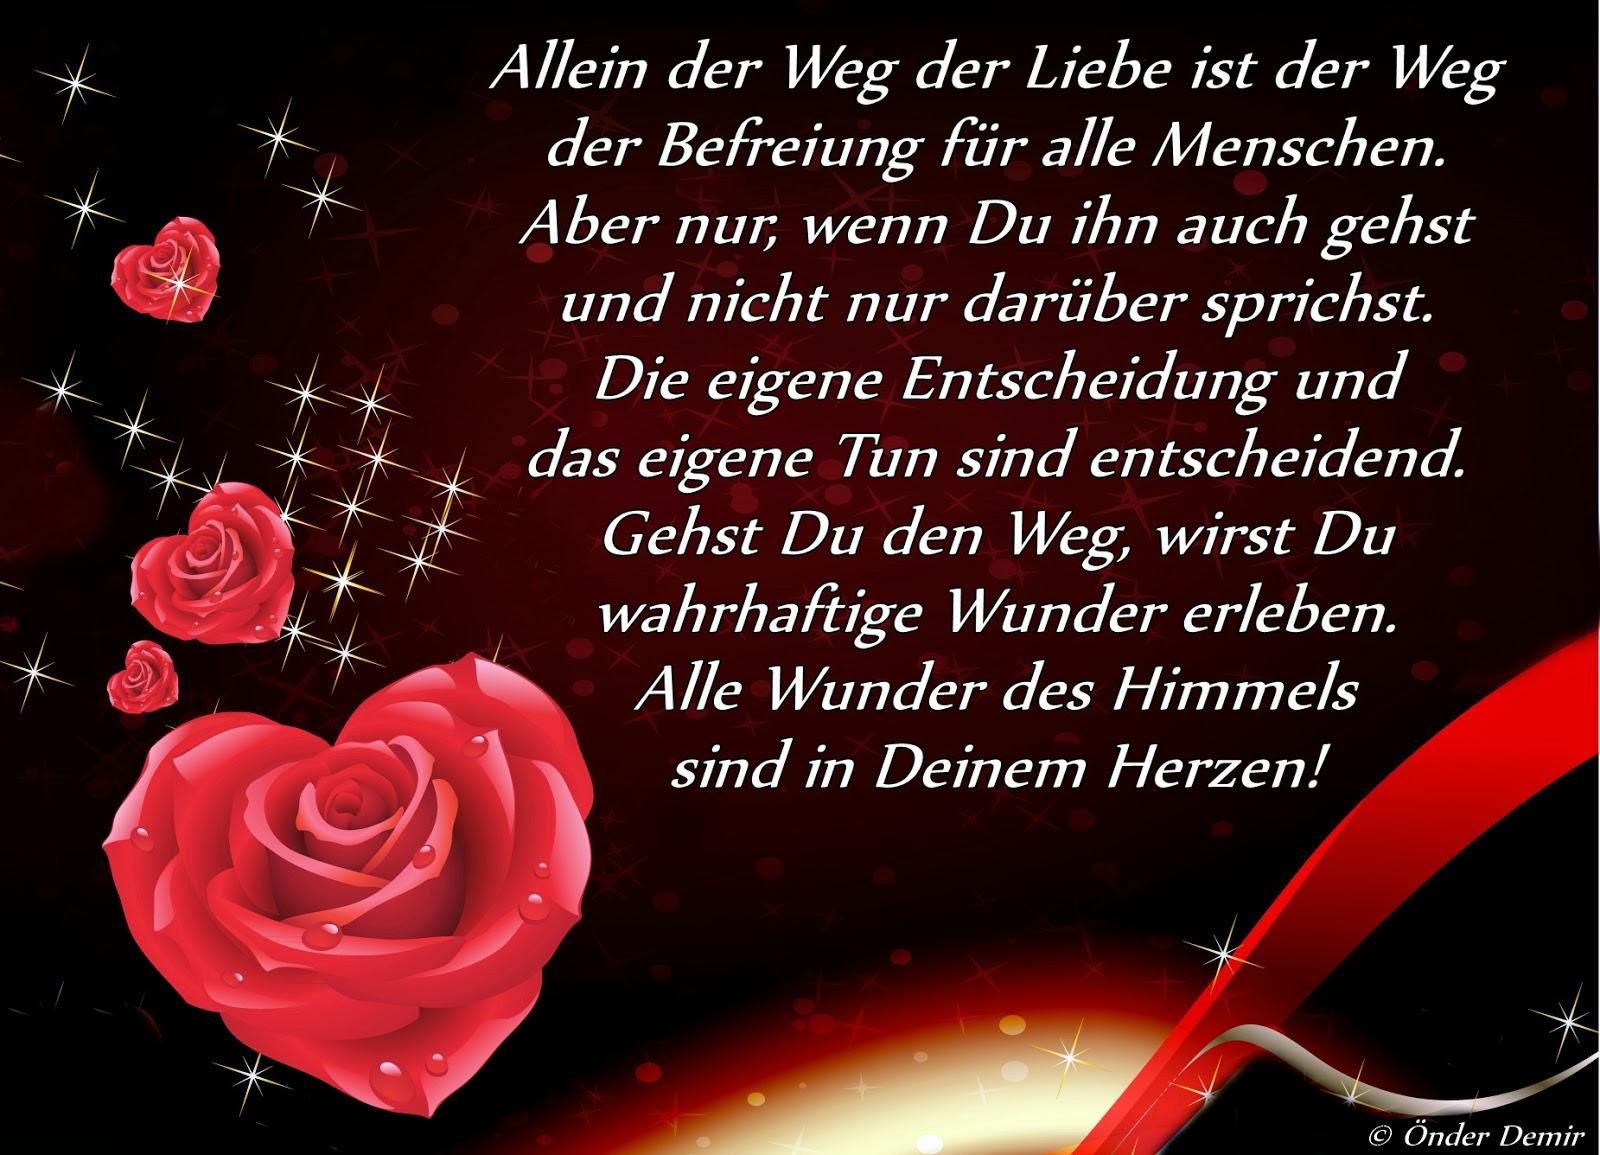 Gedichte Und Liedtexte Von Onder Demir Allein Der Weg Der Liebe